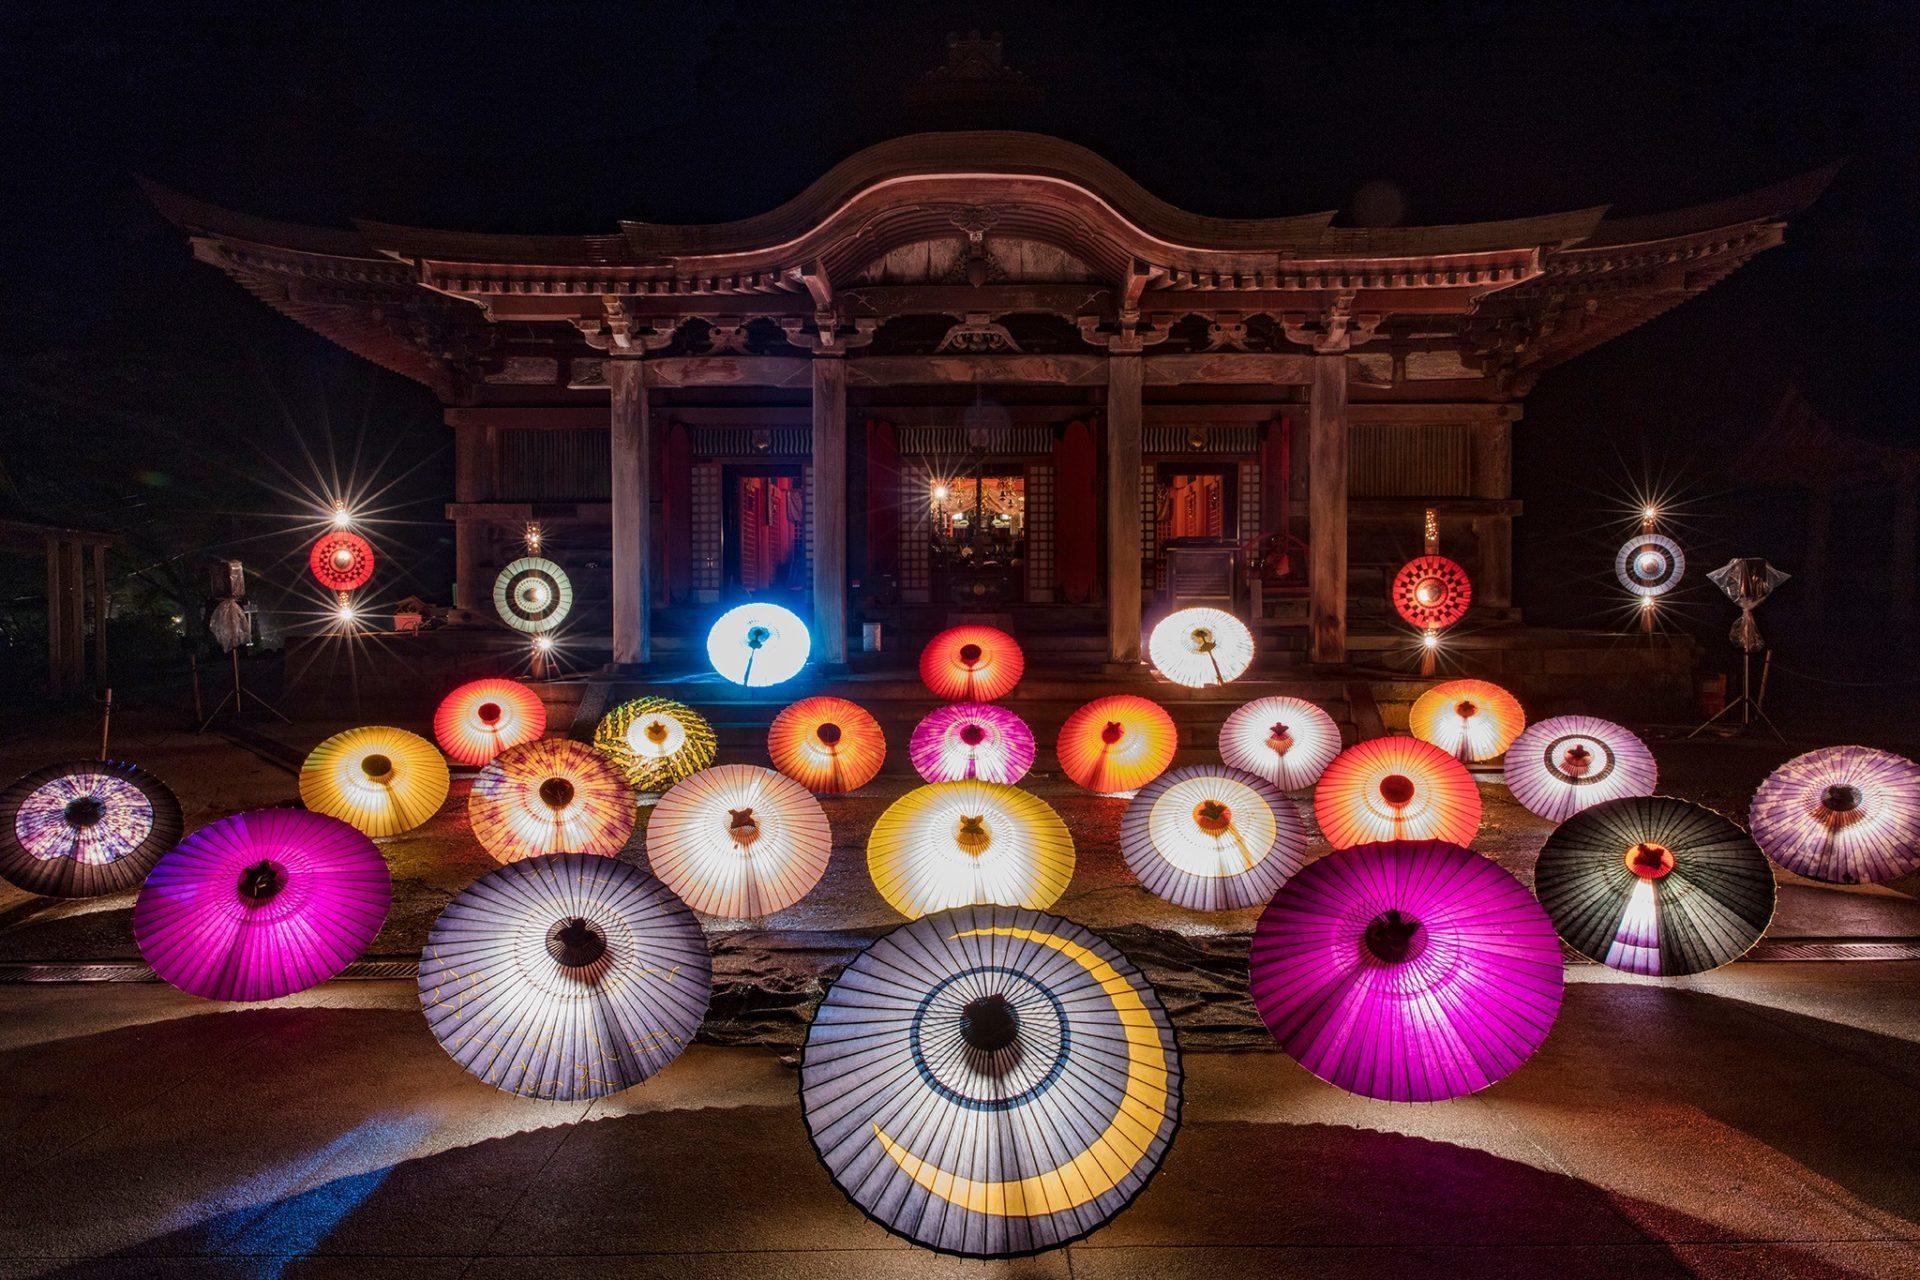 柄木 孝志さん撮影:「和傘灯り」